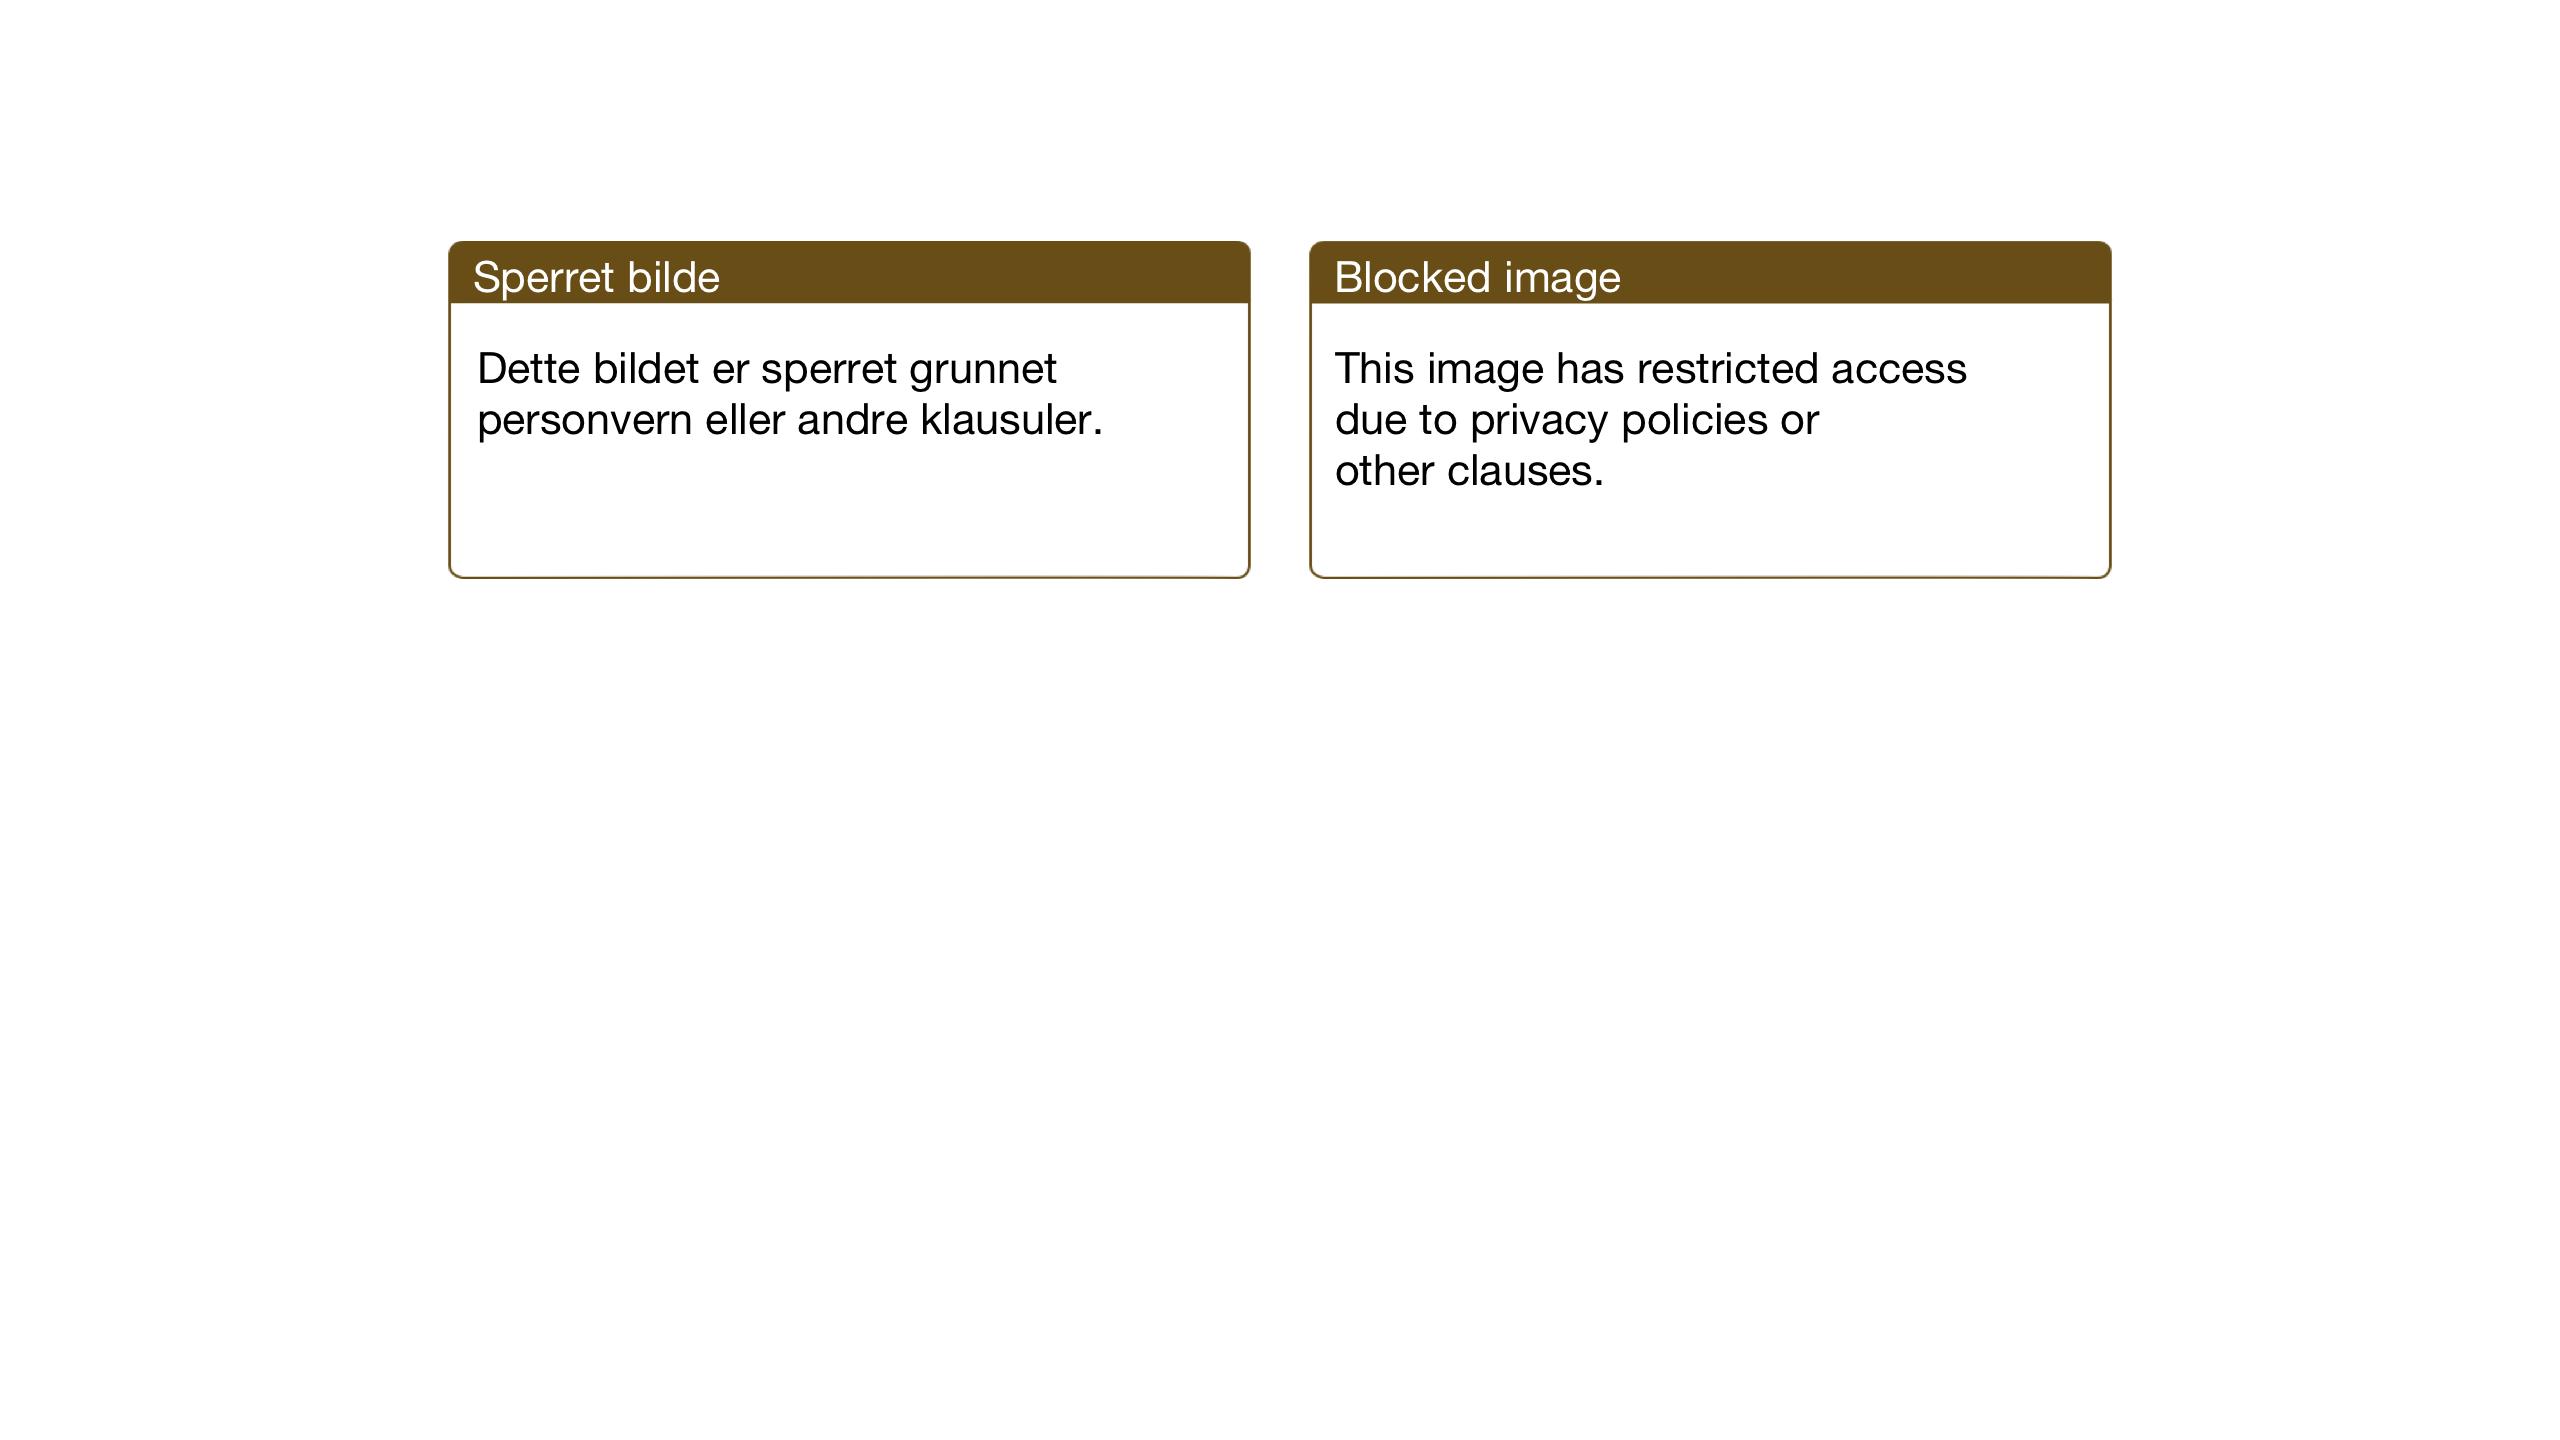 SAT, Ministerialprotokoller, klokkerbøker og fødselsregistre - Sør-Trøndelag, 618/L0454: Klokkerbok nr. 618C05, 1926-1946, s. 49